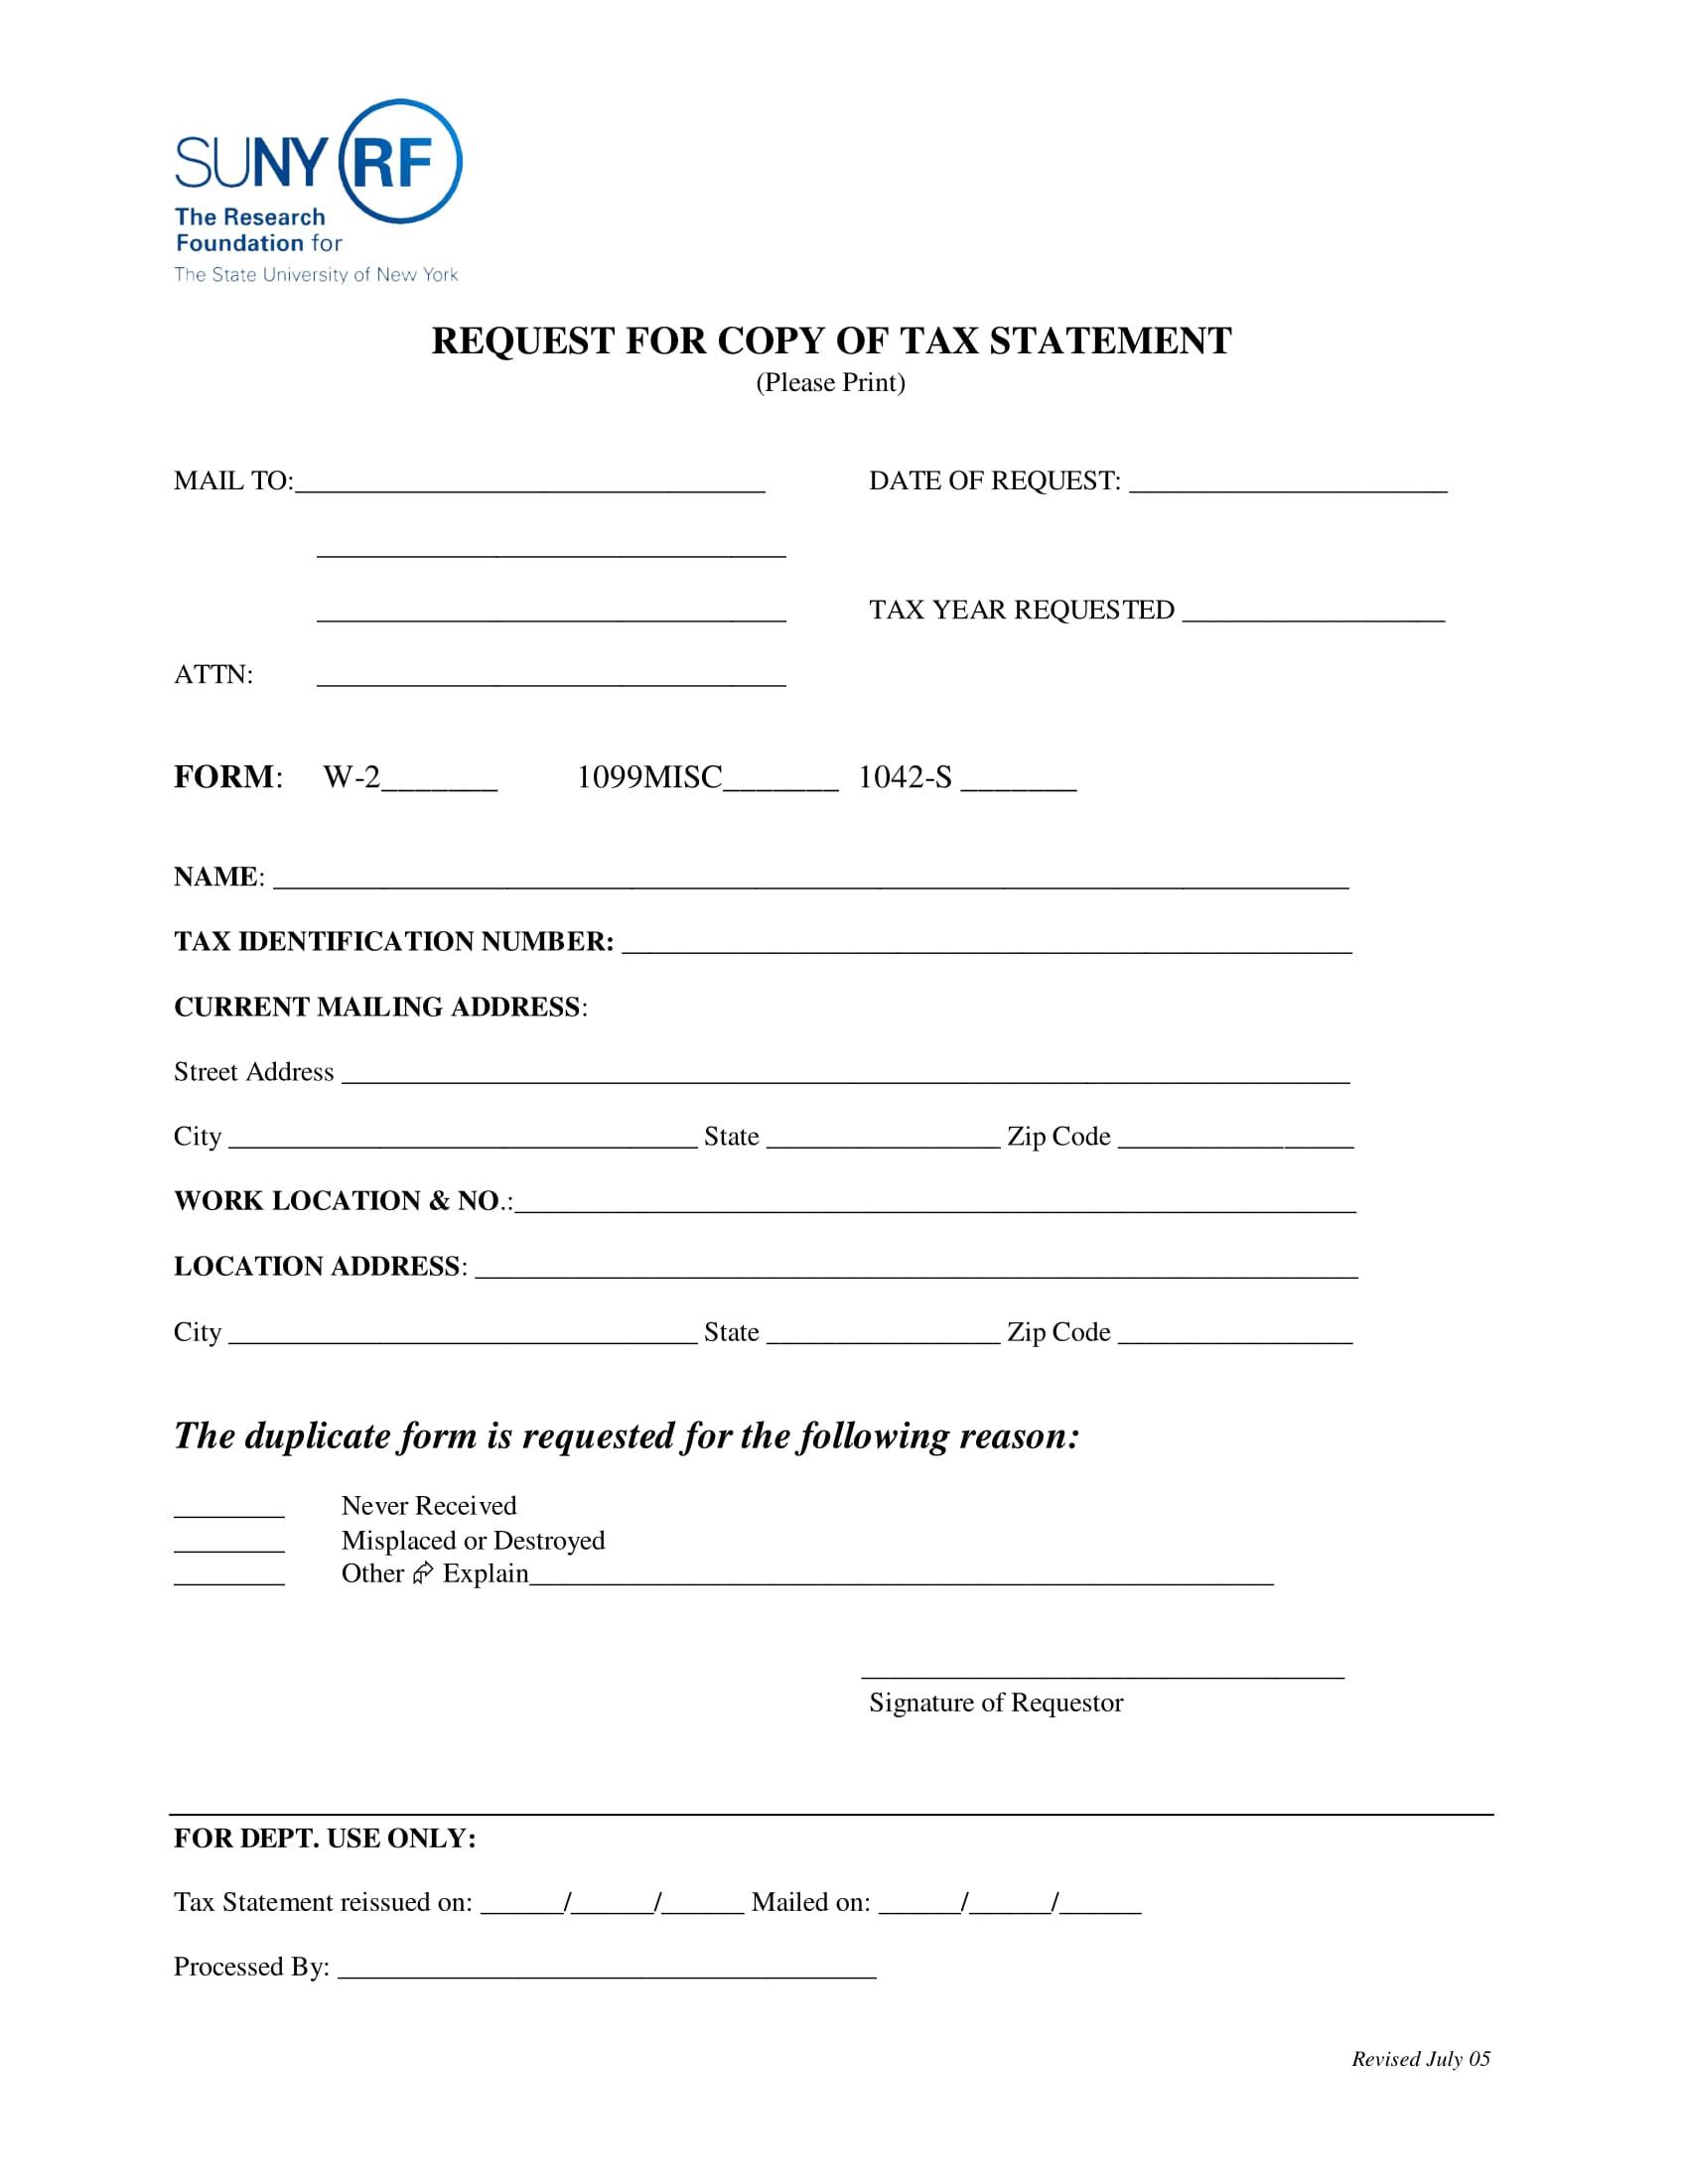 tax statement copy request form 1